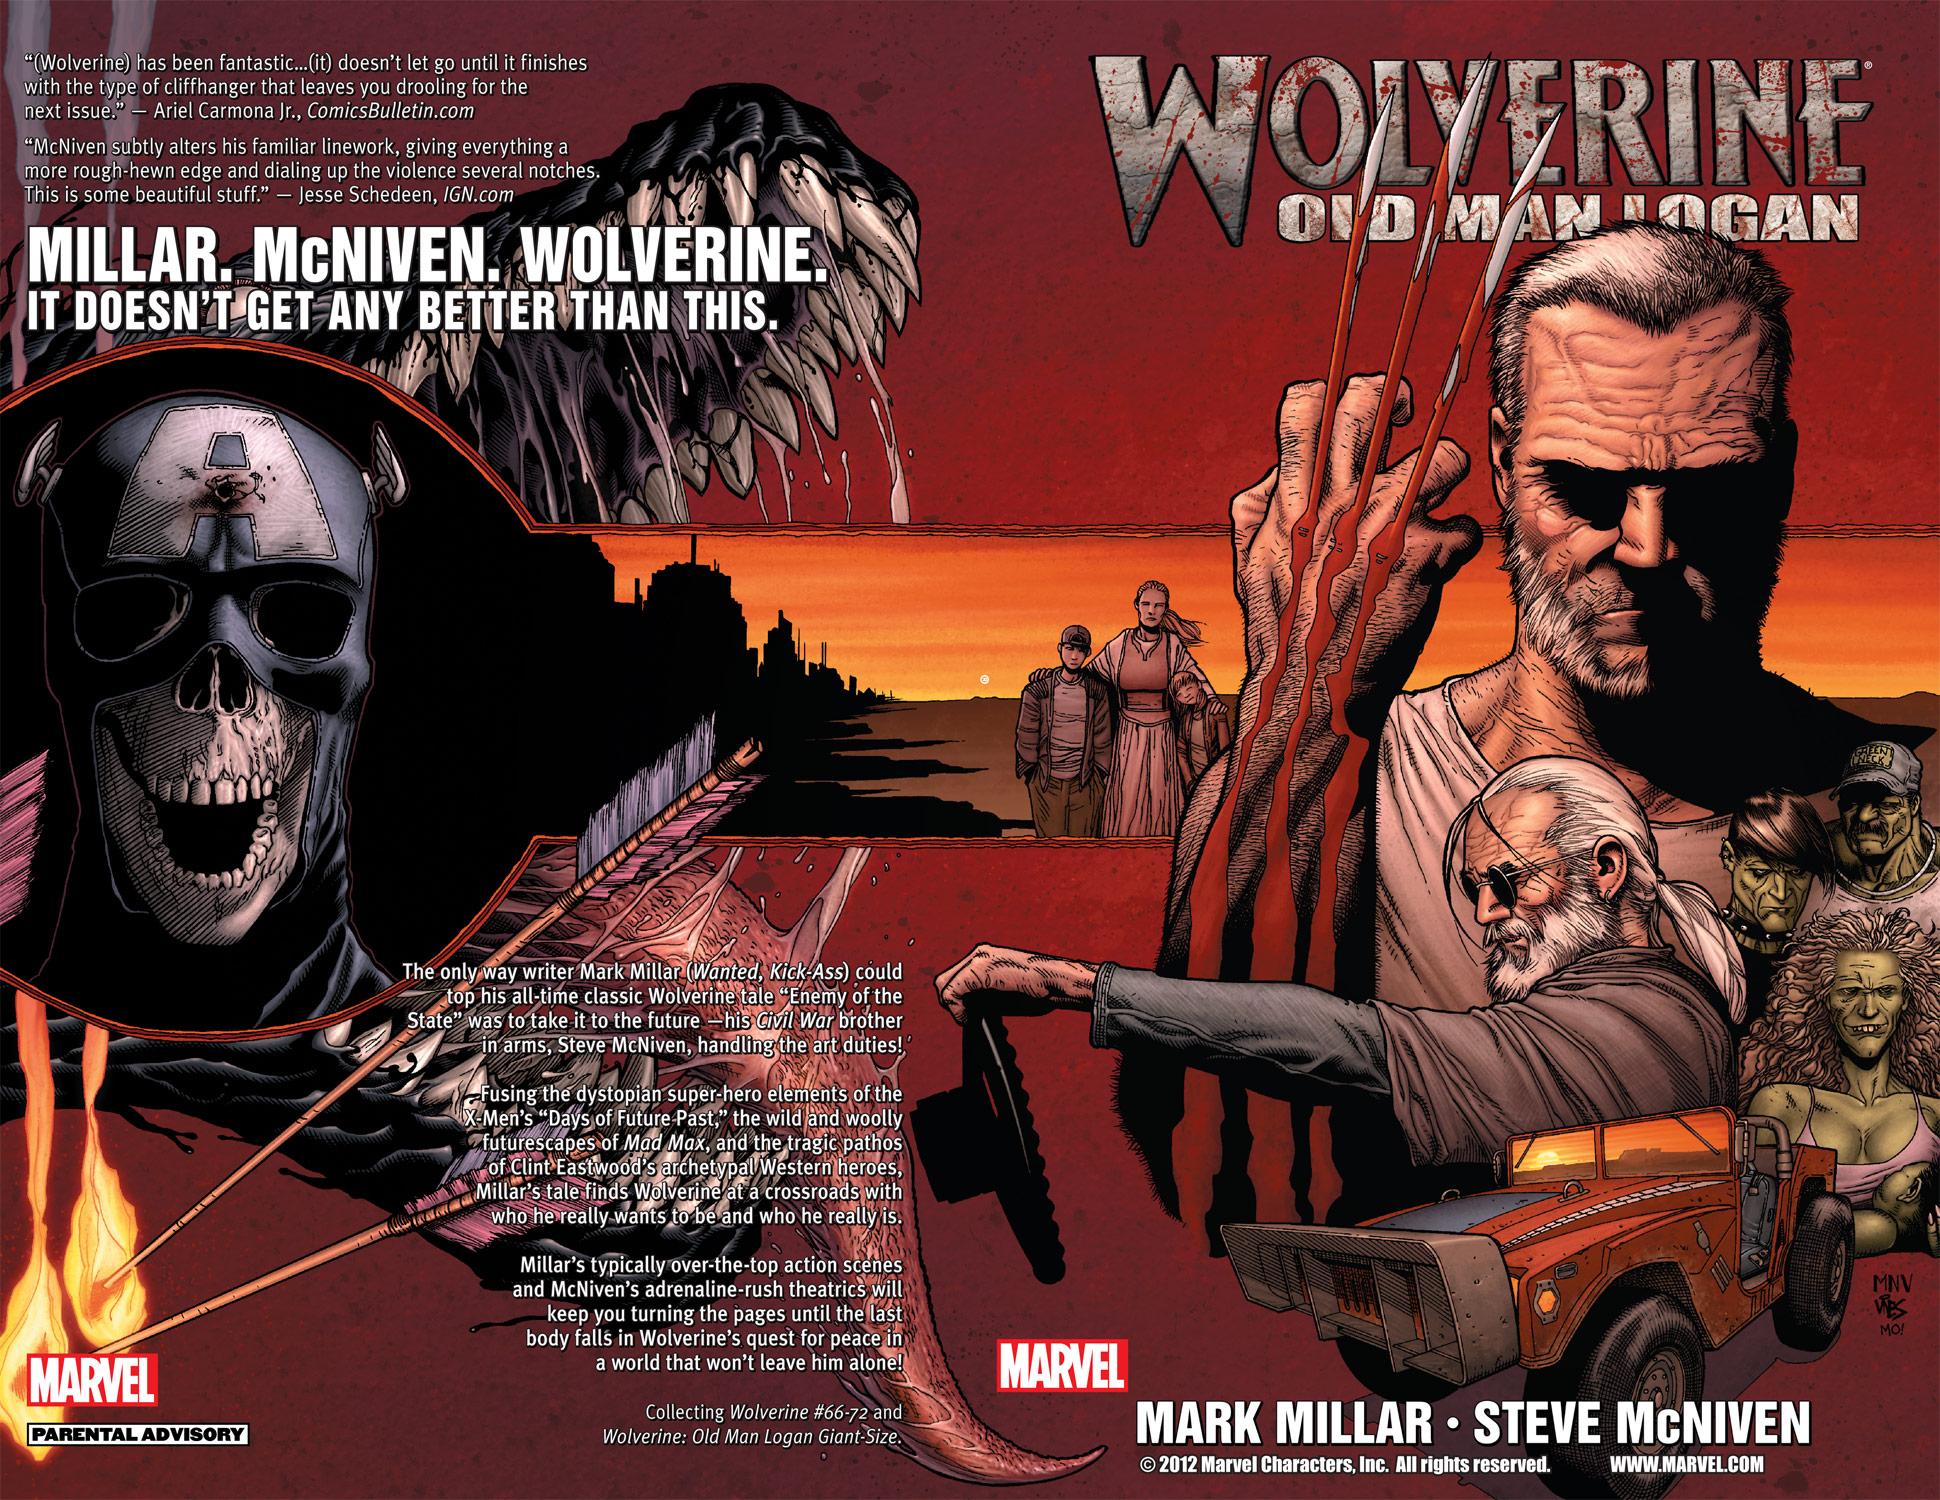 Wolverine: Old Man Logan (2010)